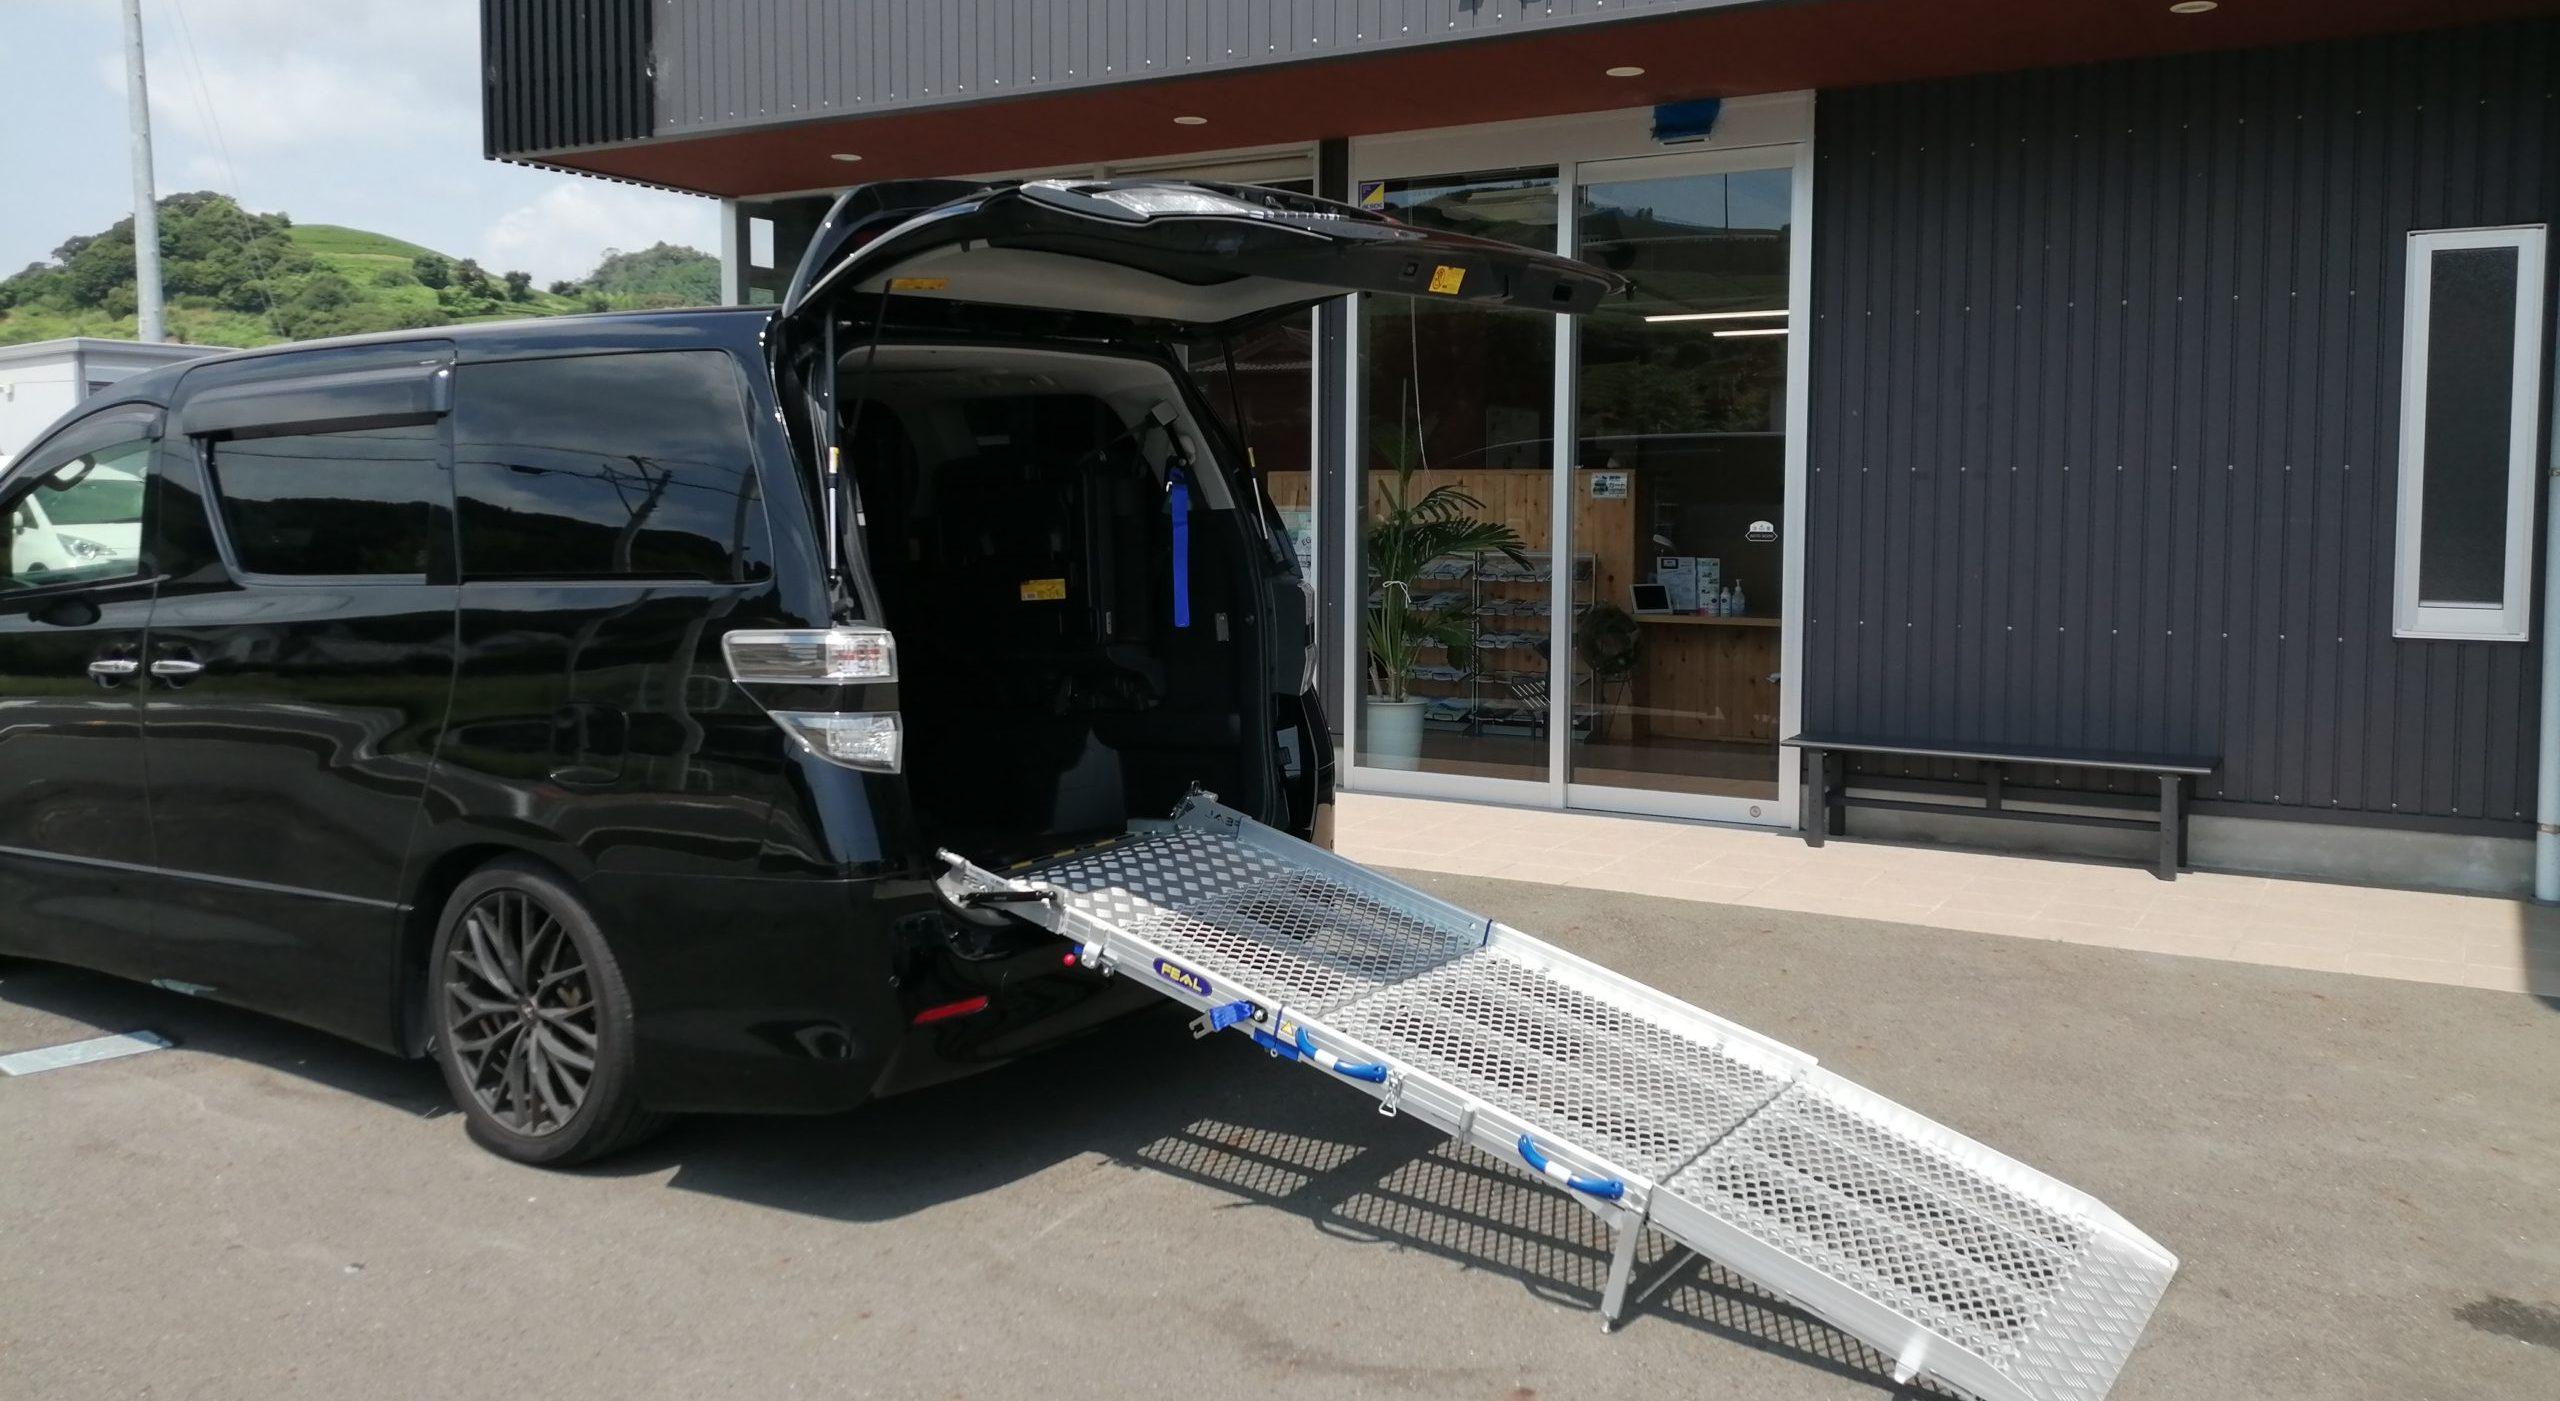 車いすスロープ付福祉車両に改造して乗降サポート【福祉車両改造】